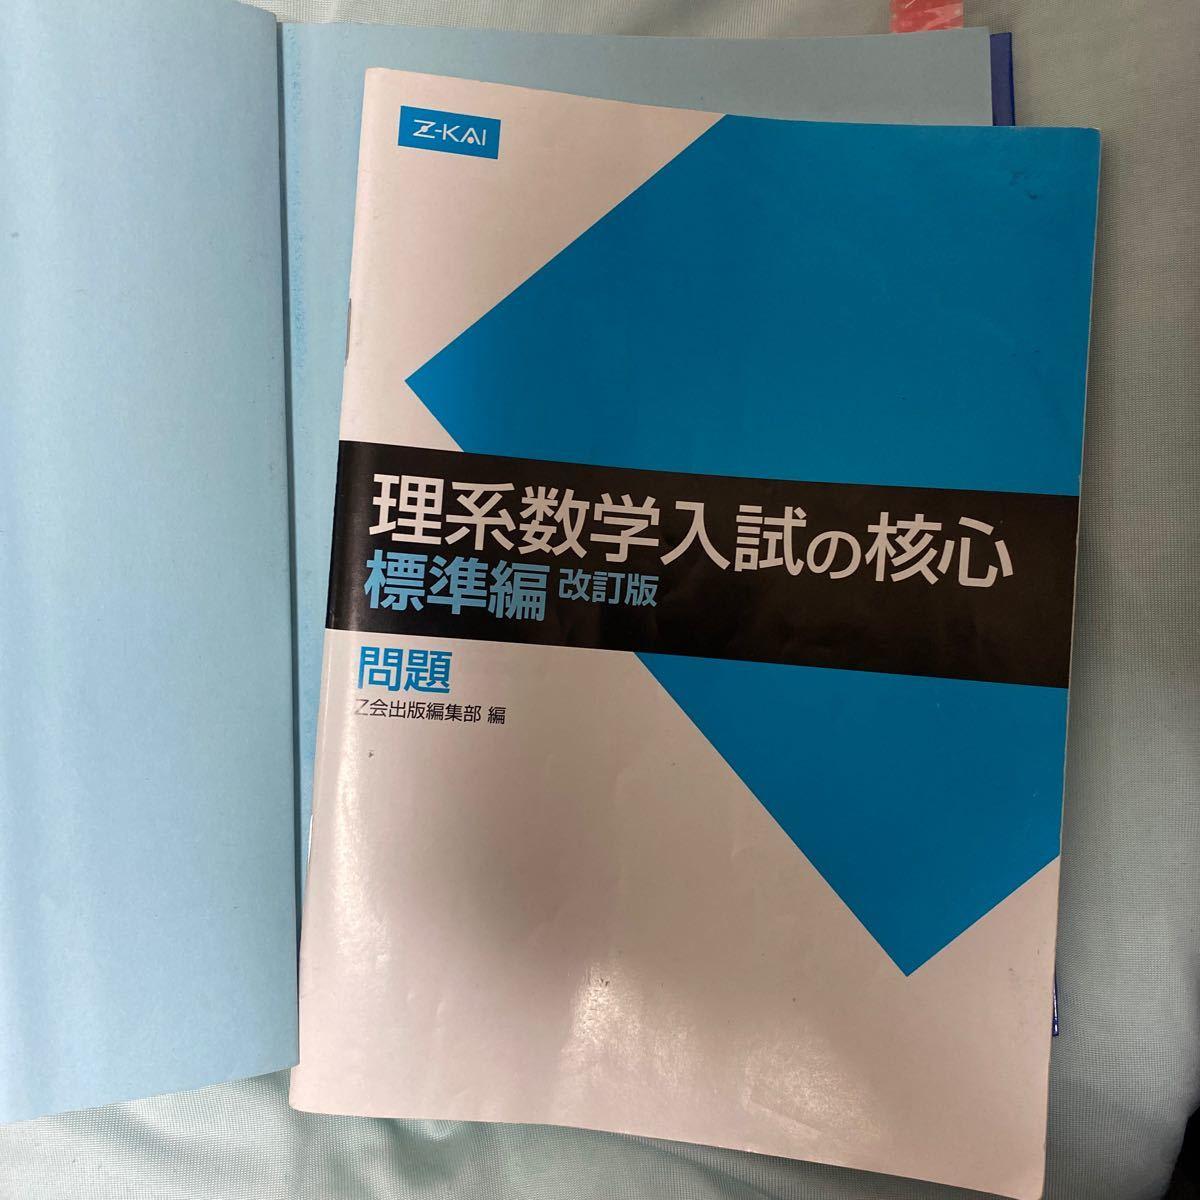 理系数学 入試の核心 標準編 改訂版 Z会出版編集部 編